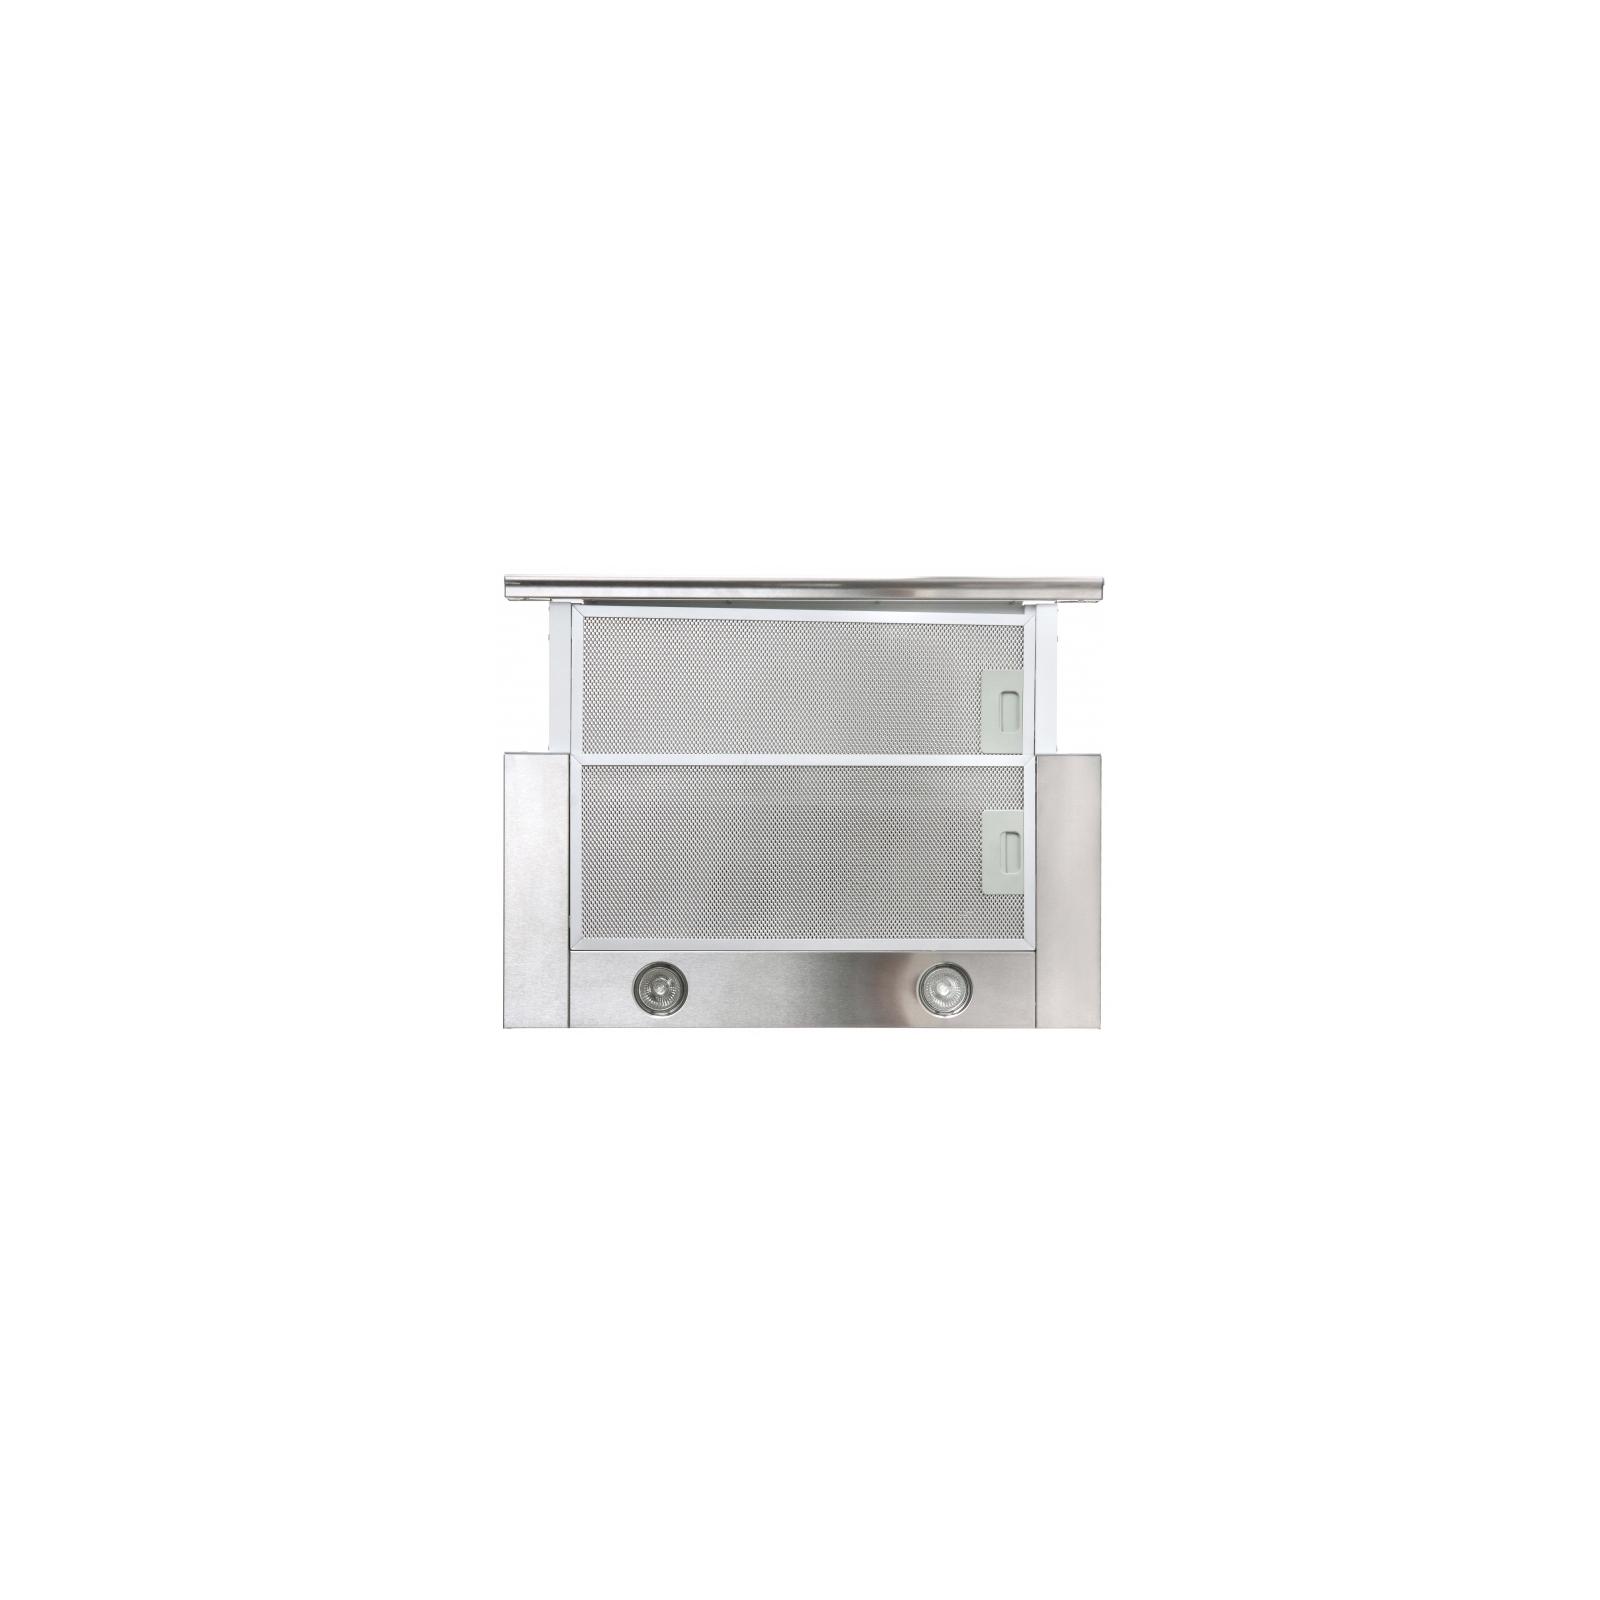 Вытяжка кухонная ELEYUS Storm 960 50 IS изображение 4